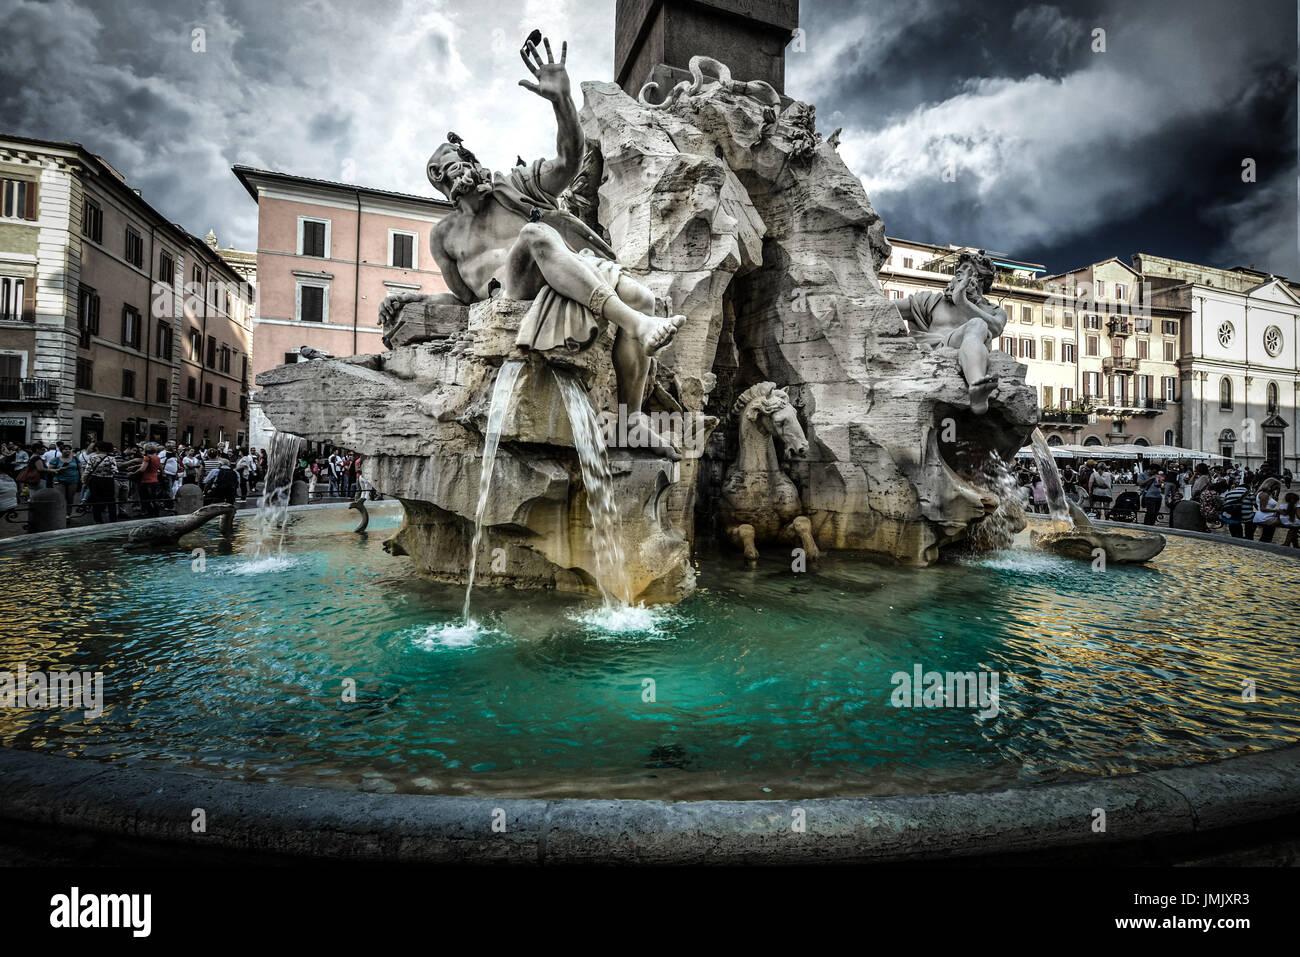 La fuente de los Cuatro Ríos de Bernini en la Piazza Navona, en Roma, Italia. Los cielos son oscuros con una tormenta venida. Imagen De Stock